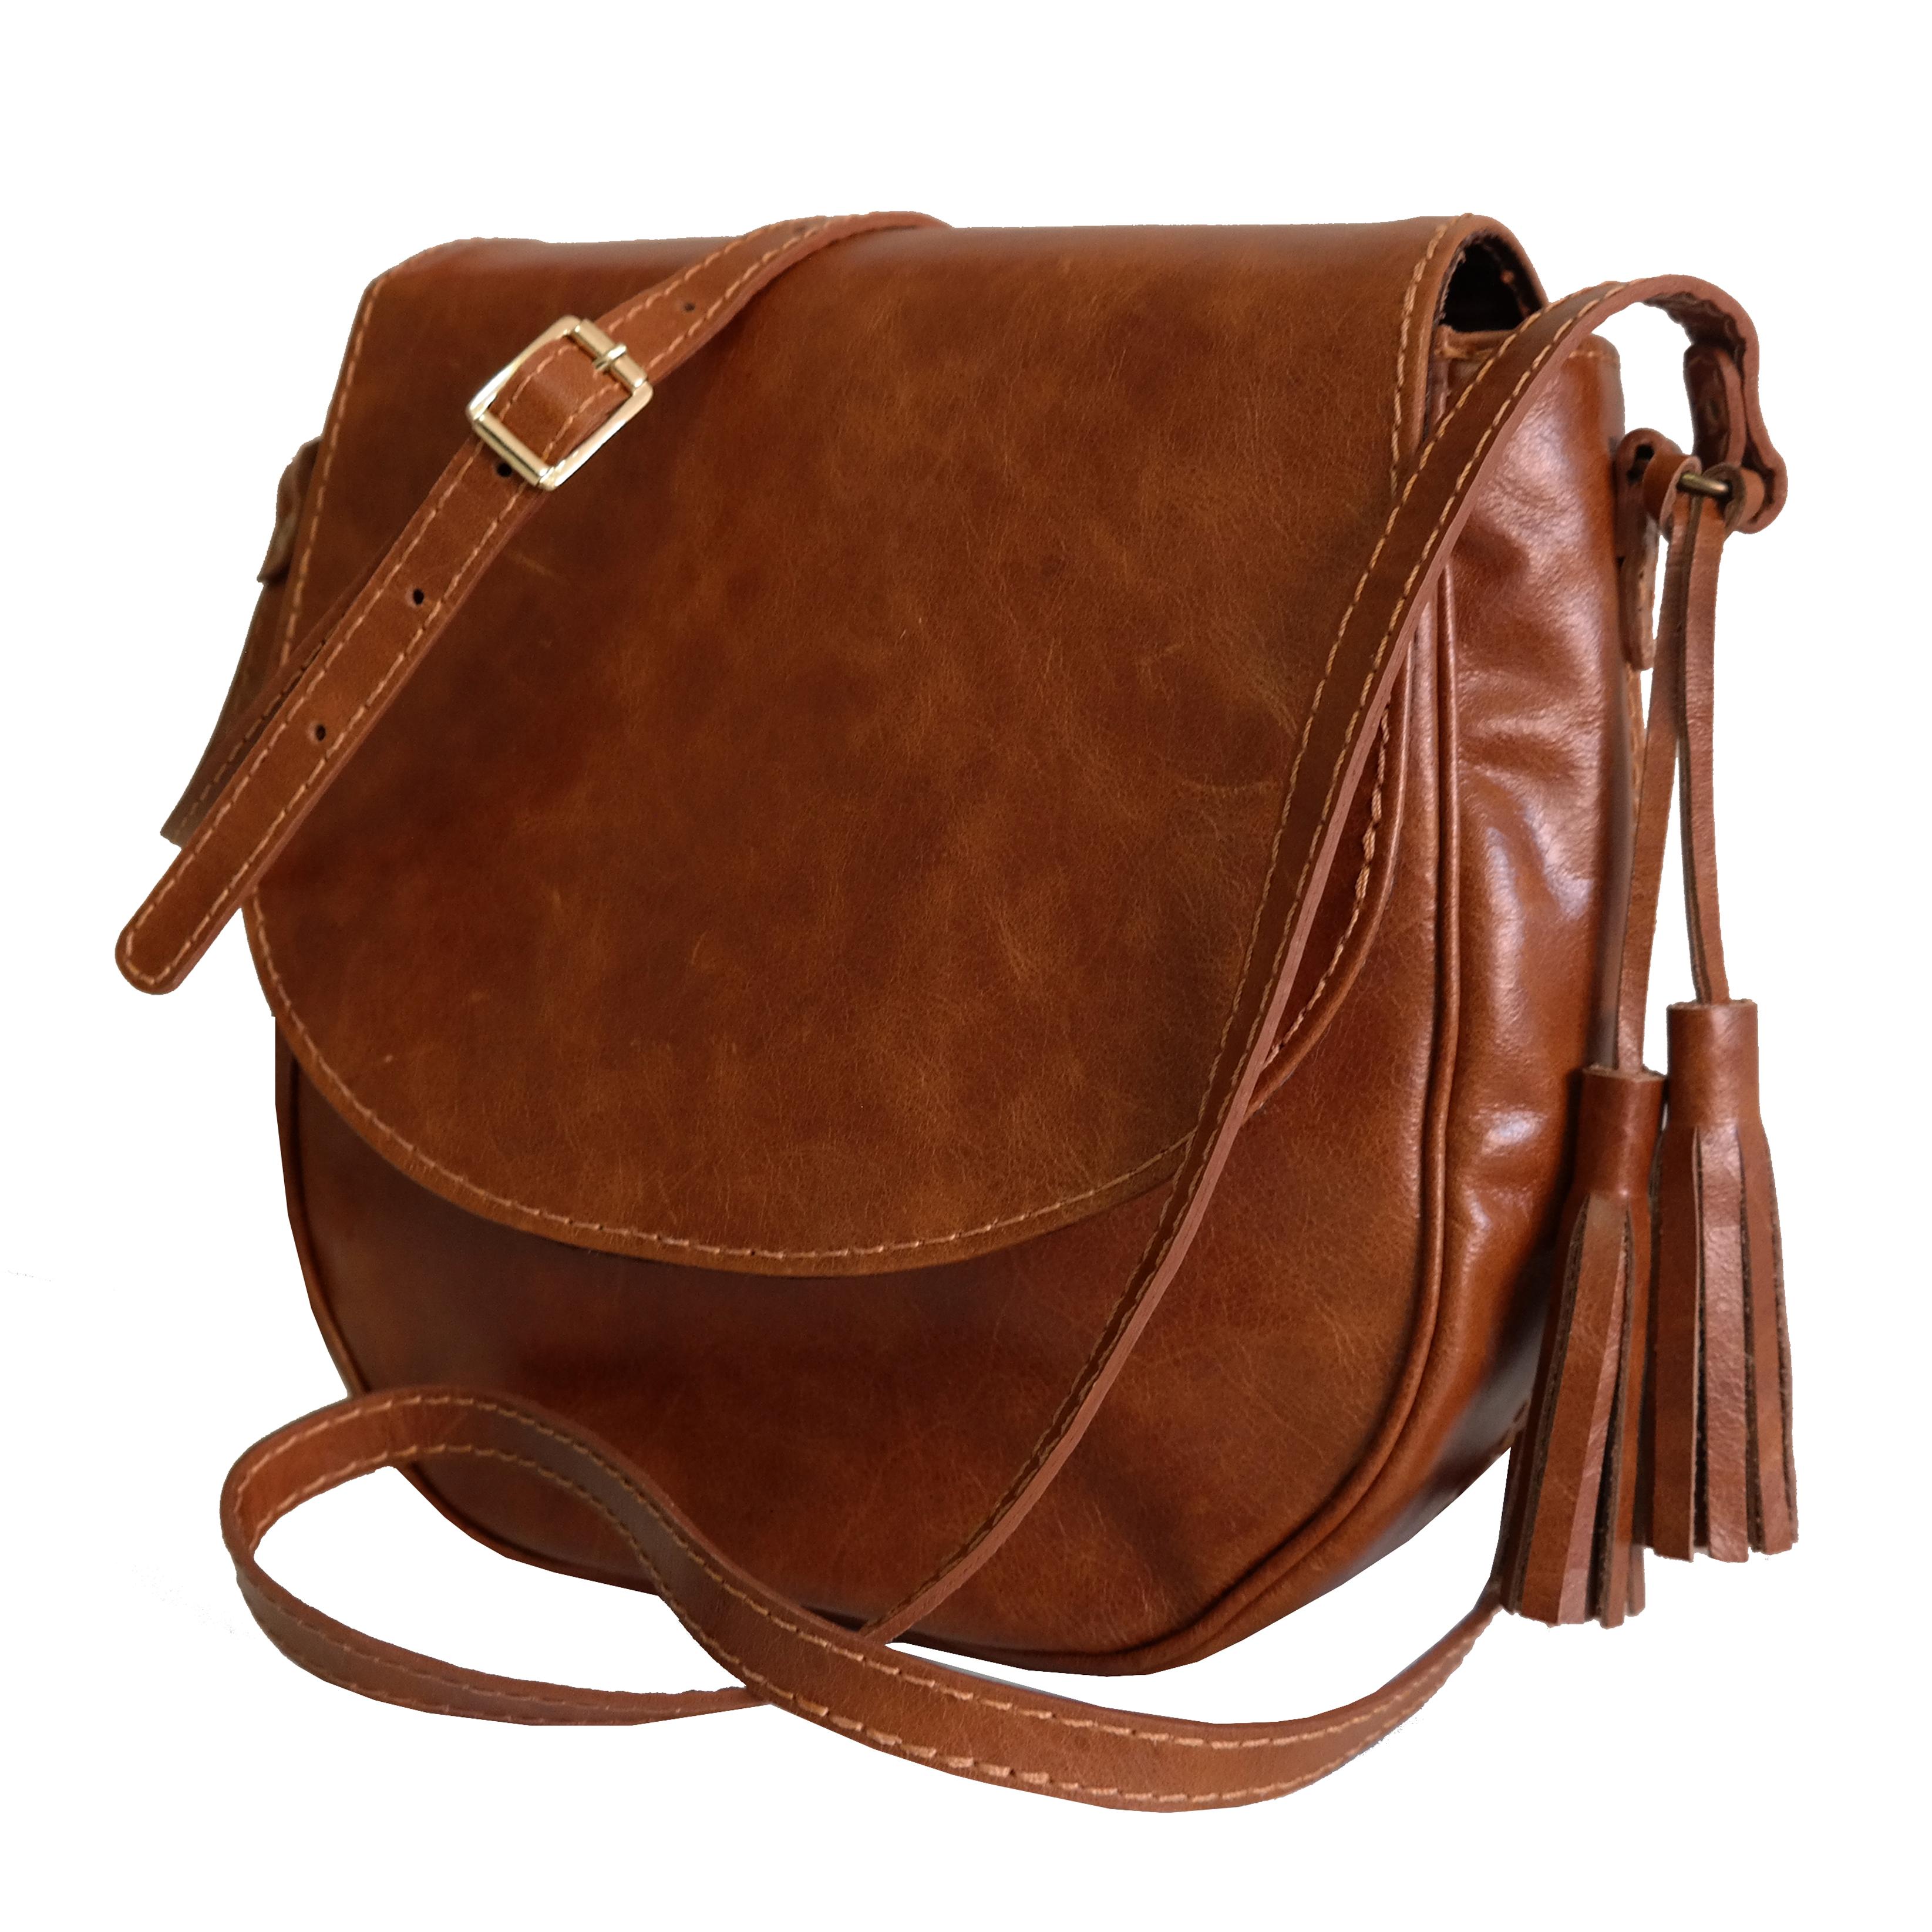 Bolsa Couro Saddle Bag